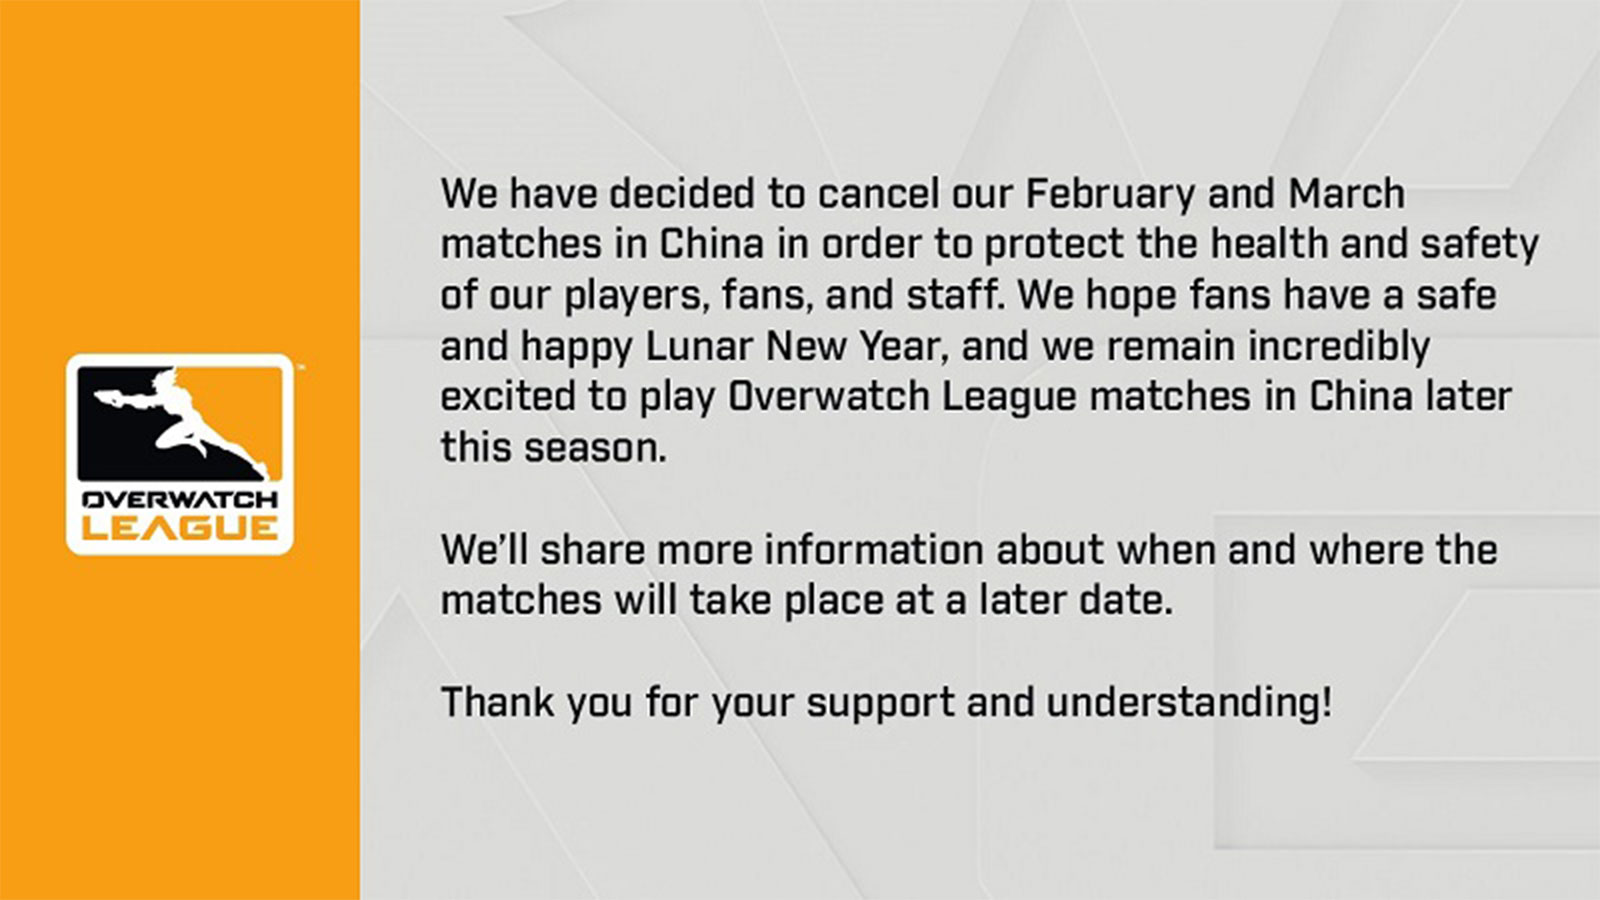 En raison du Coronavirus, les matchs de l'Overwatch League en Chine sont annulés